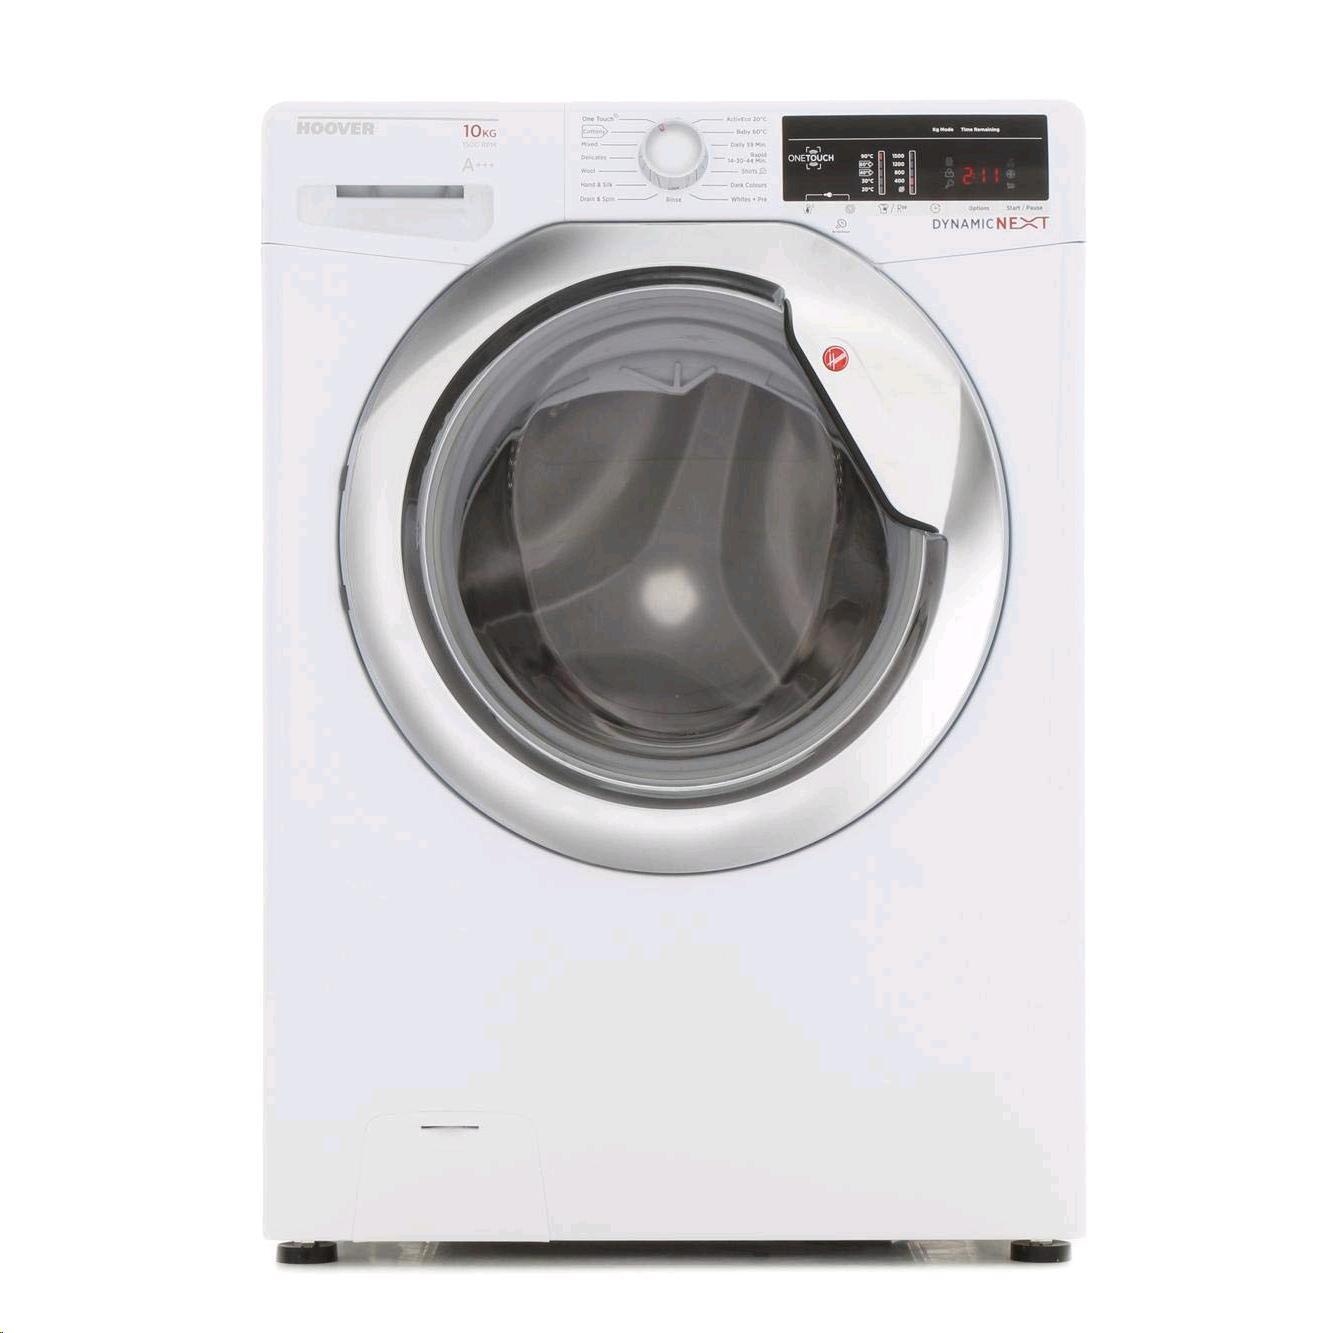 Hoover Washing Machine 10kg 1500 Spin Speed c/w Chrome Door